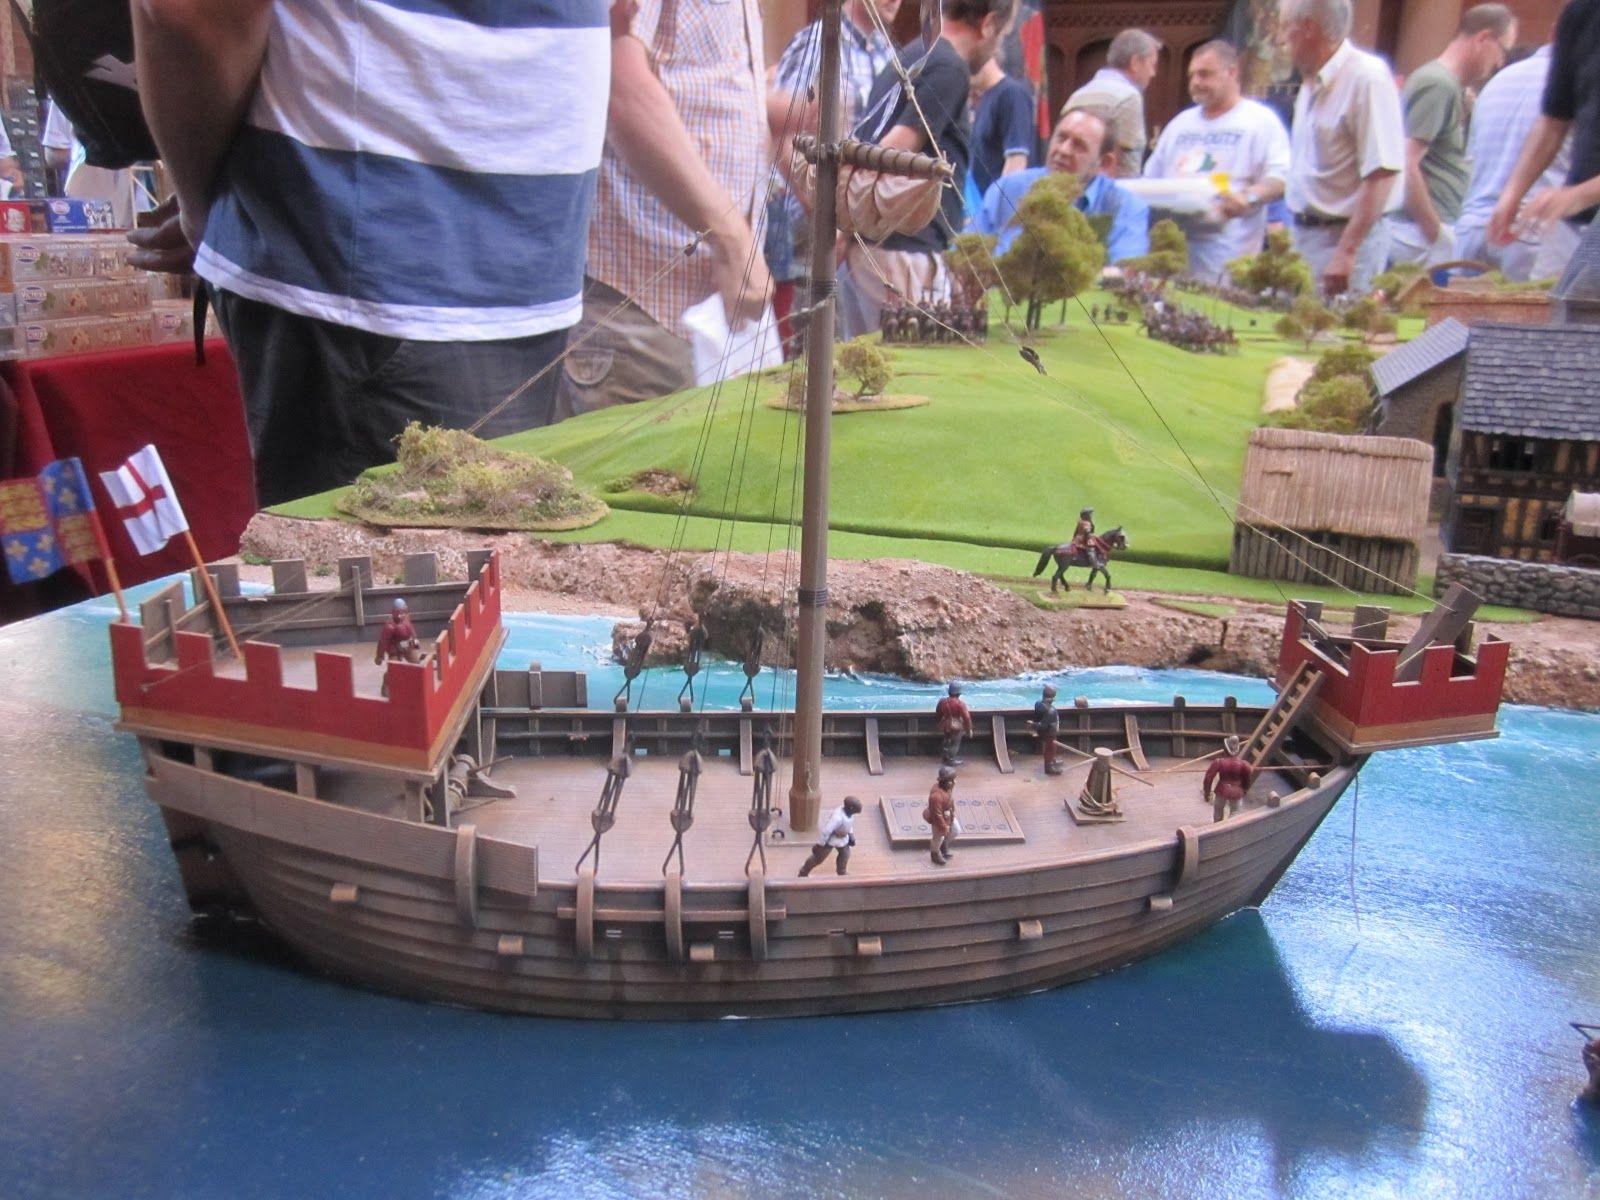 medieval ship wargaming - Google Search | War gaming terrain